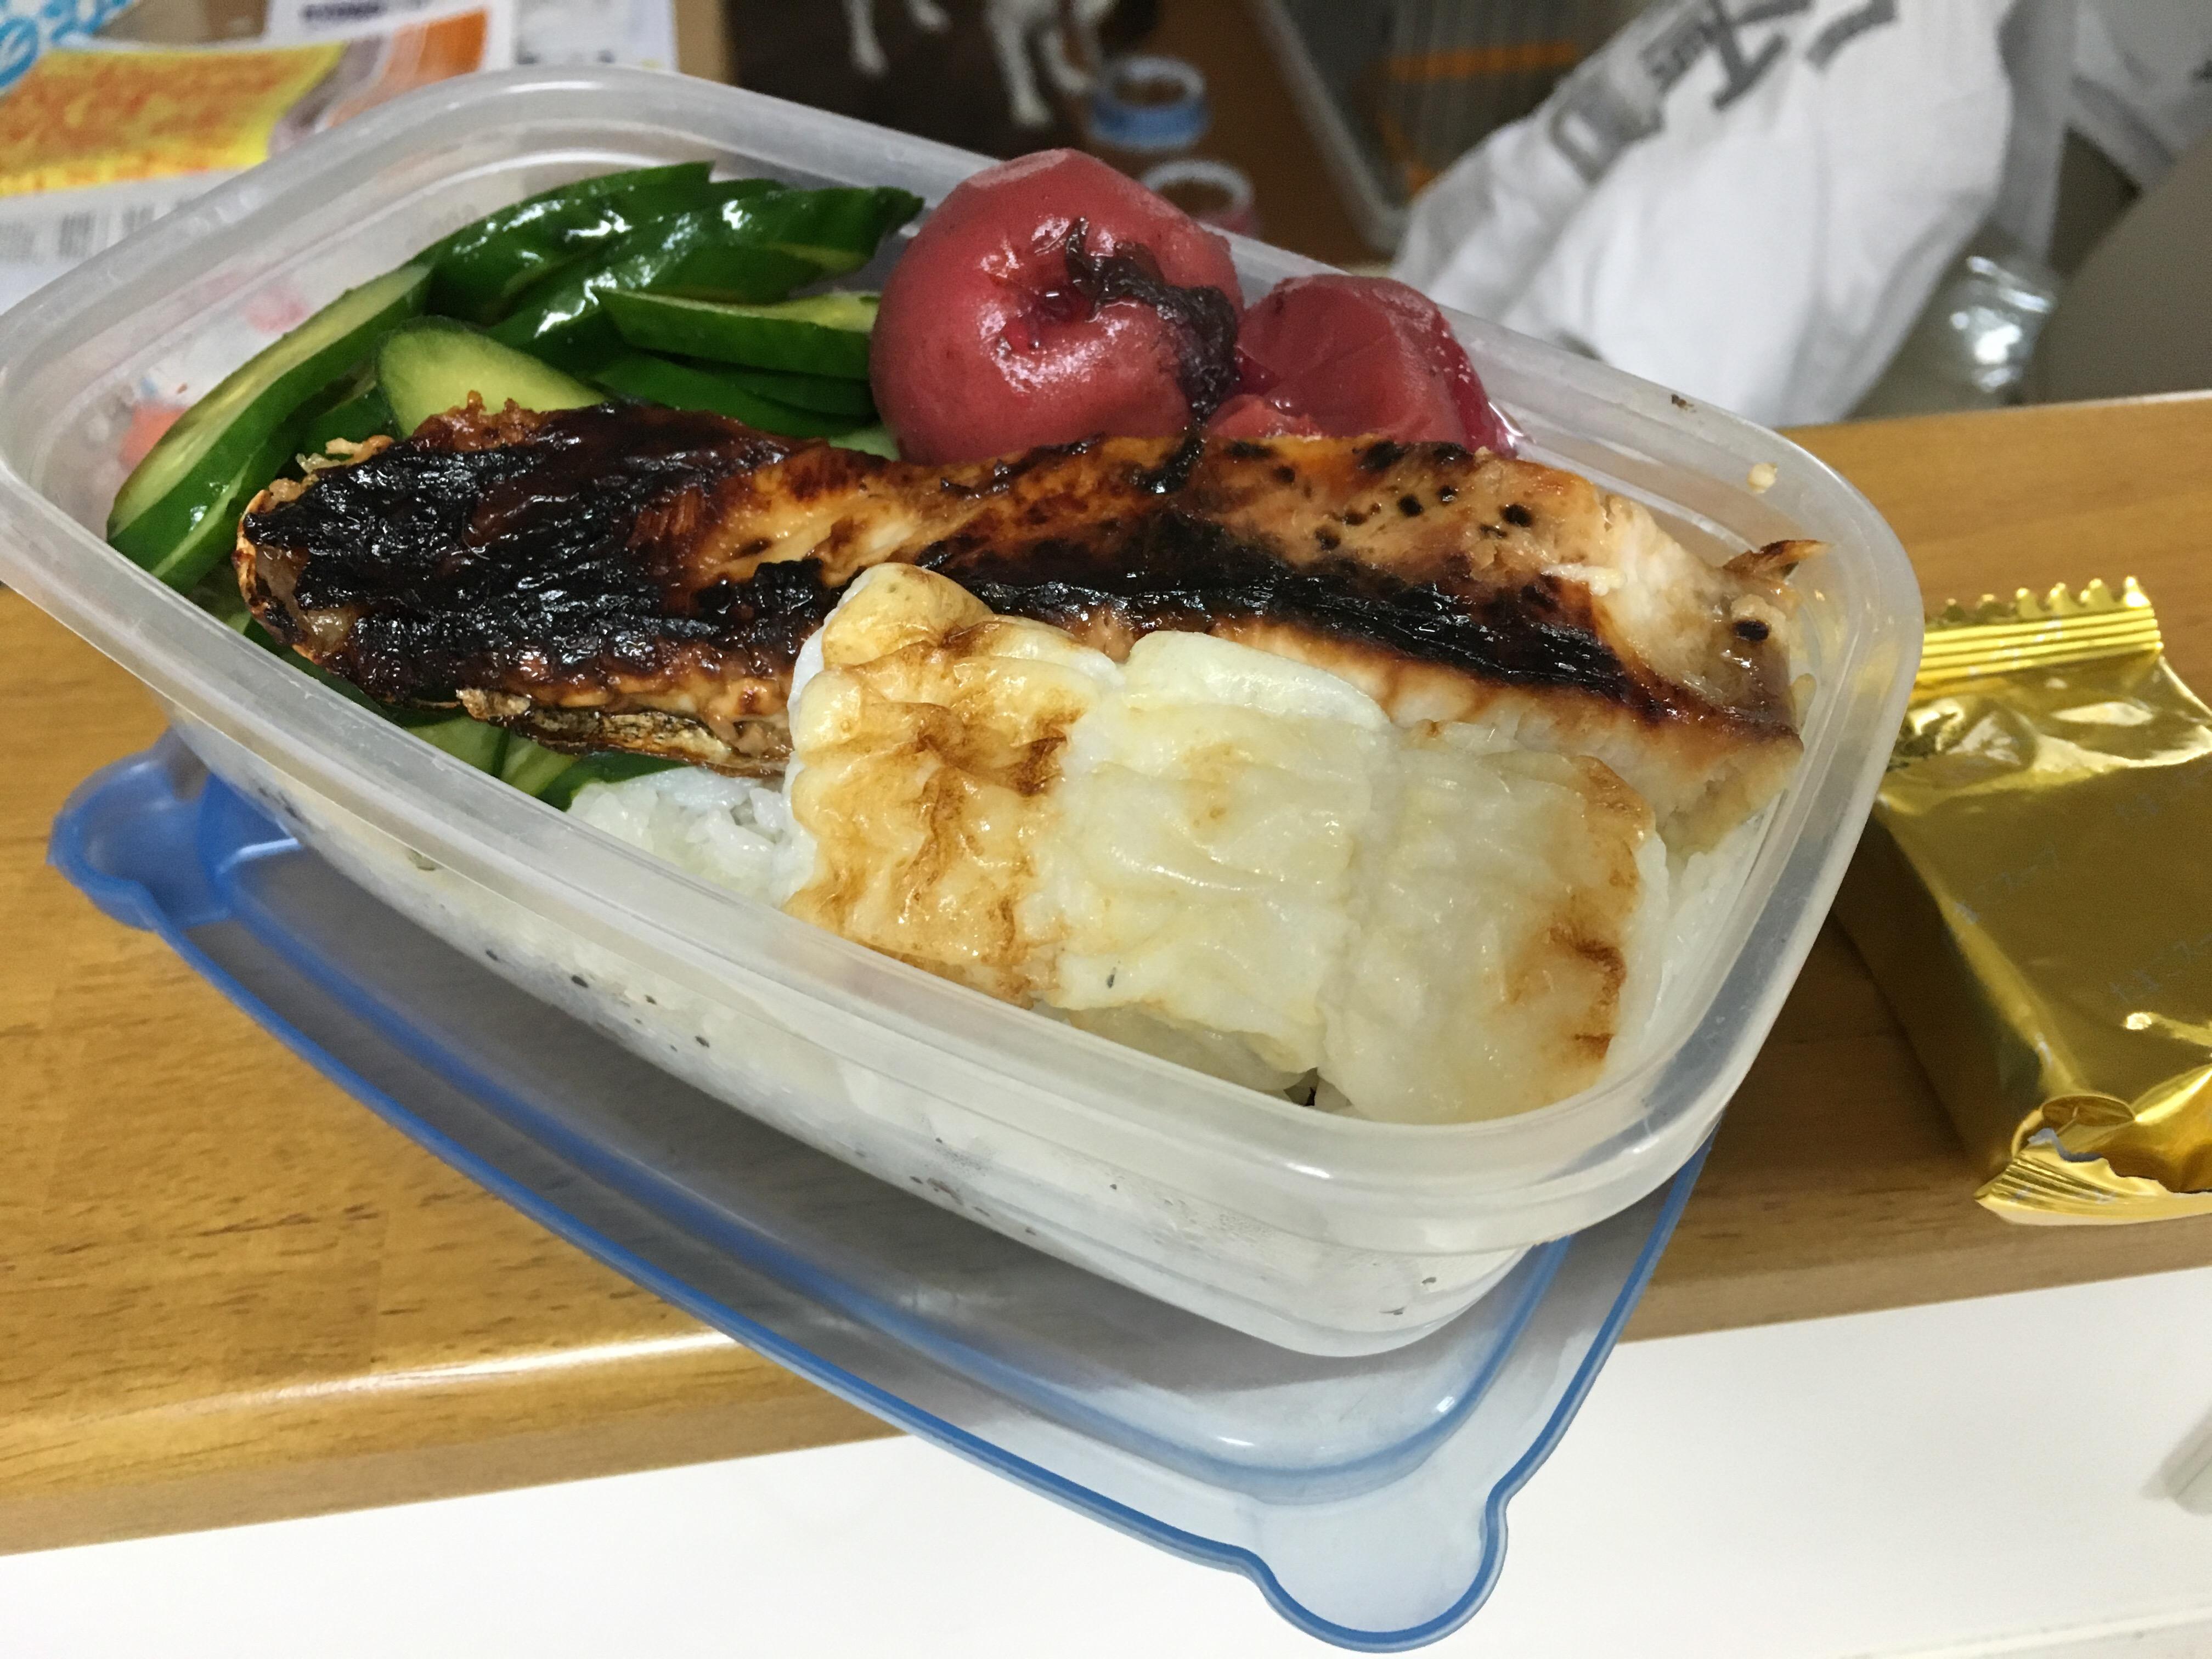 お野菜が中心。でも美味しく頂いています。「体重管理」健康管理っ。